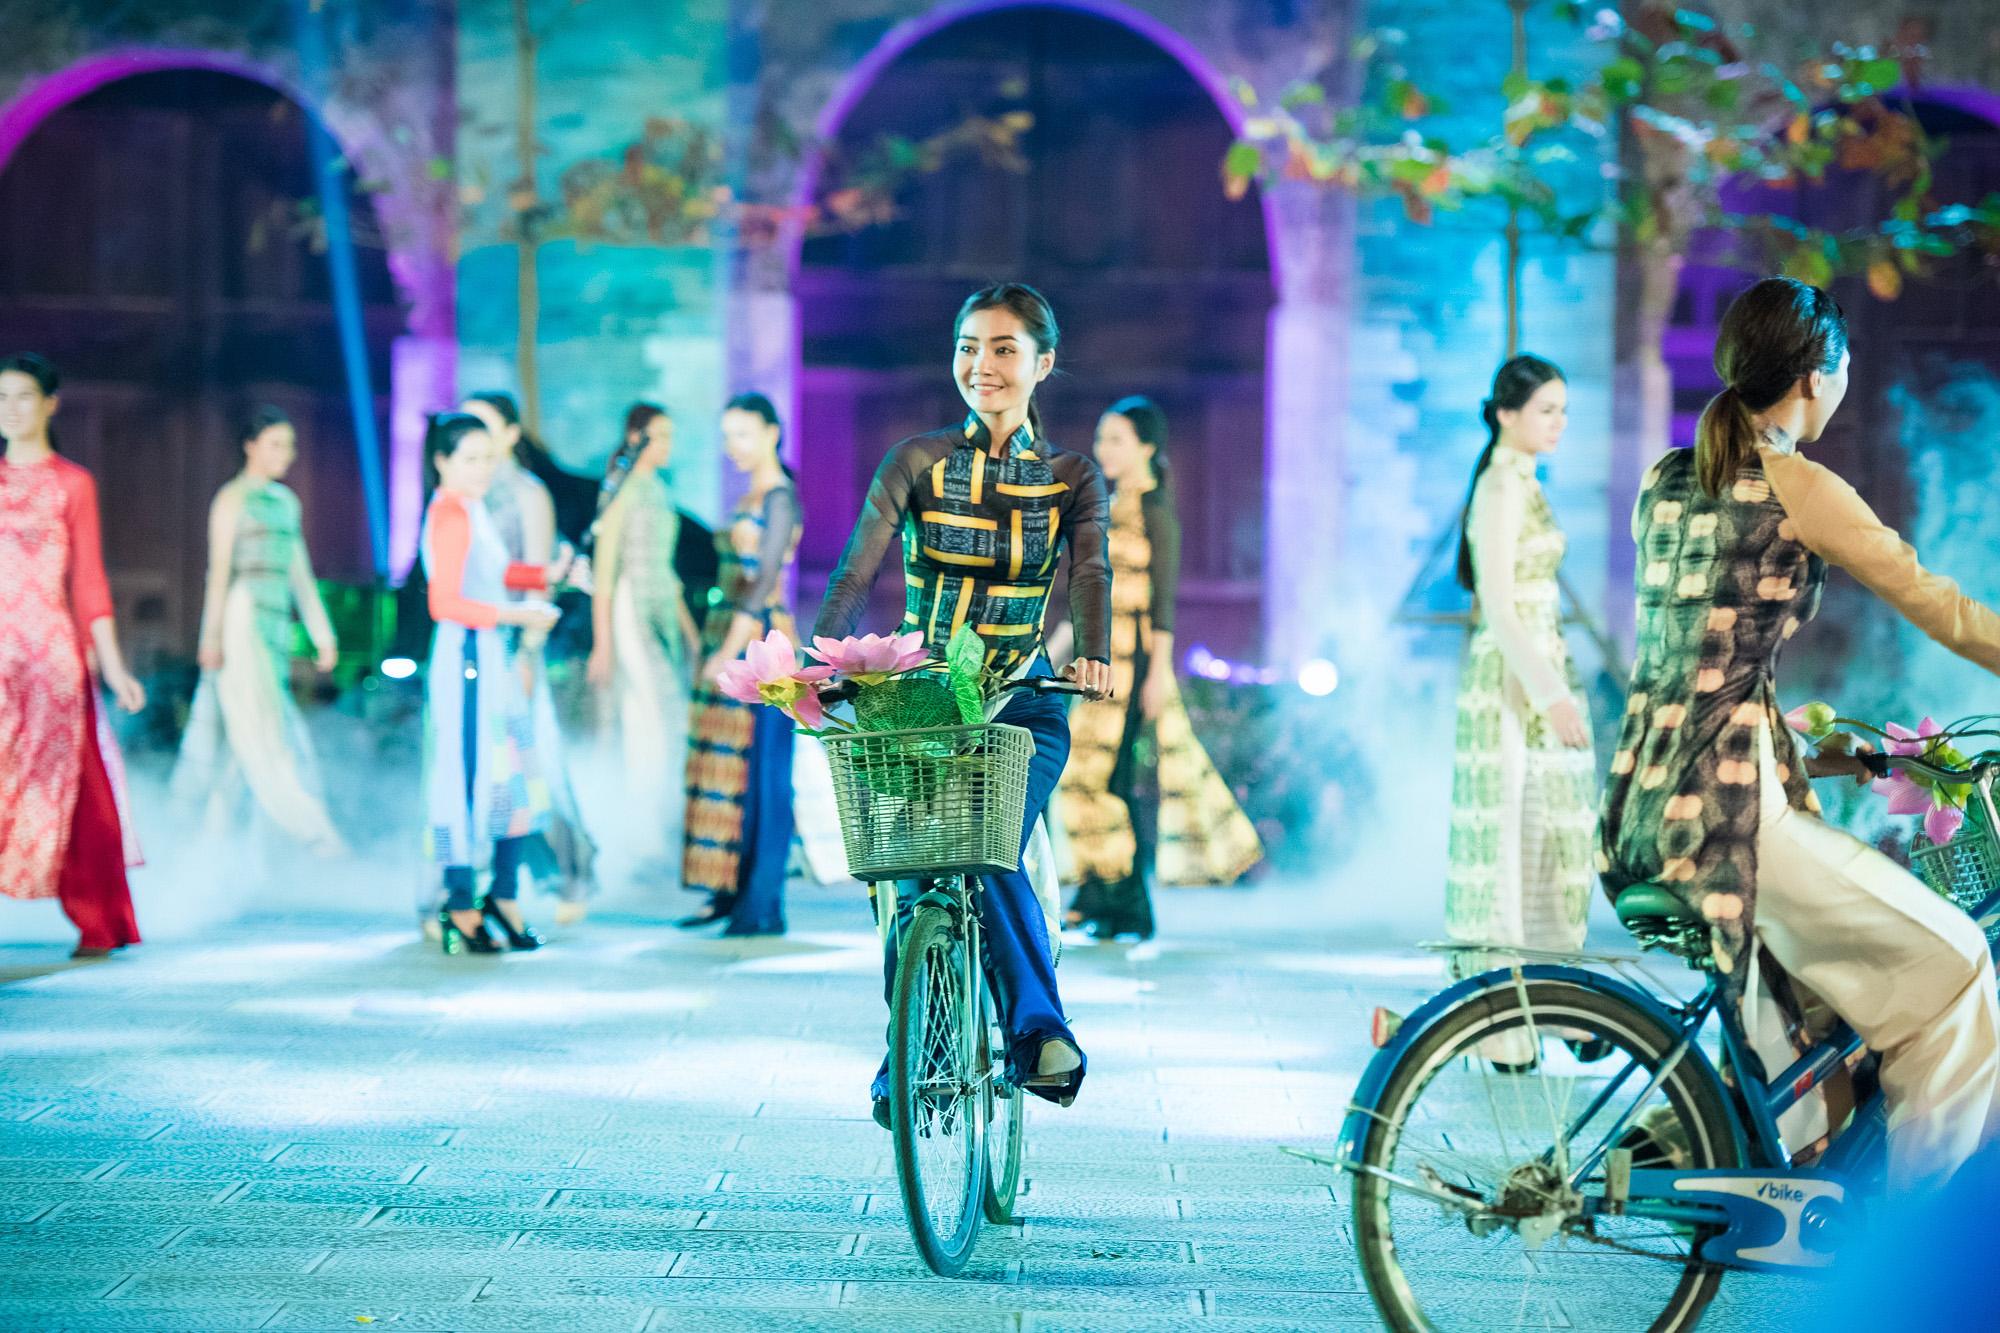 Hàng trăm mẫu áo dài được trình diễn trong Festival Áo dài Hà Nội 2016 5